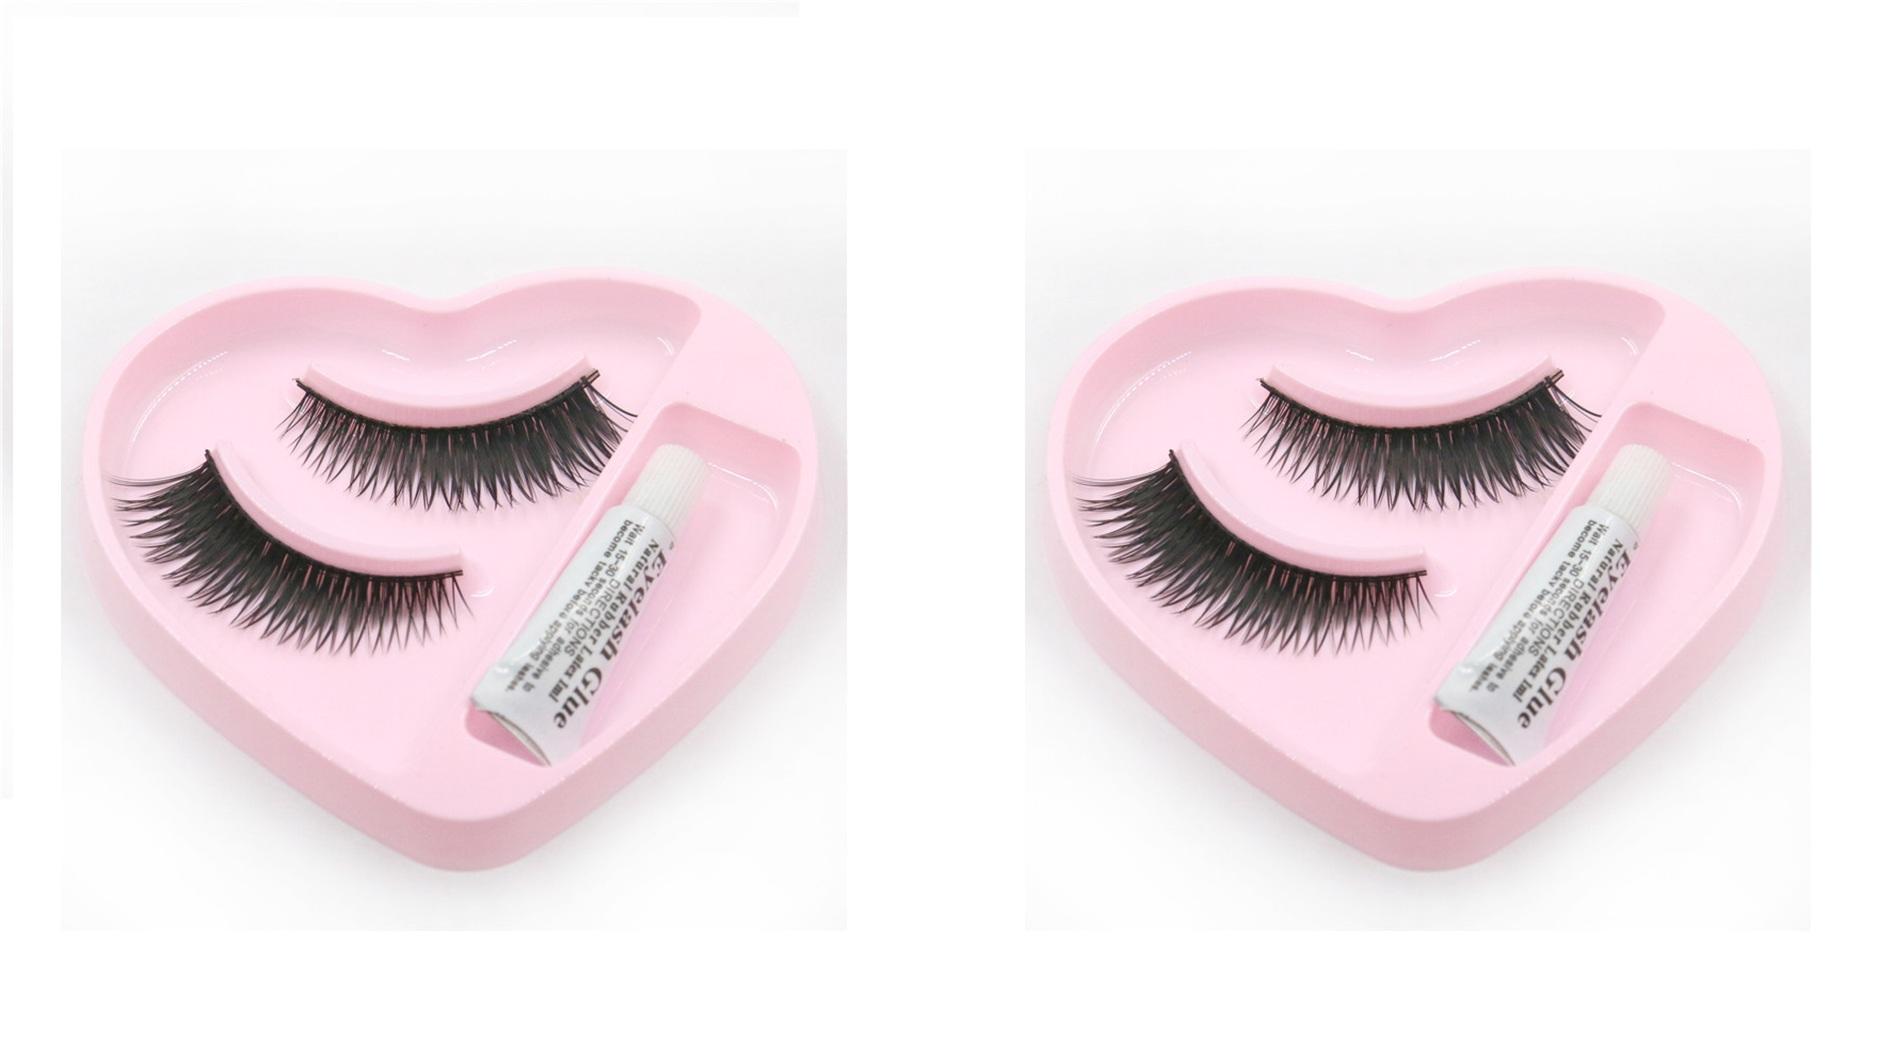 2pcs heart shape fake false eyelashes with white glue